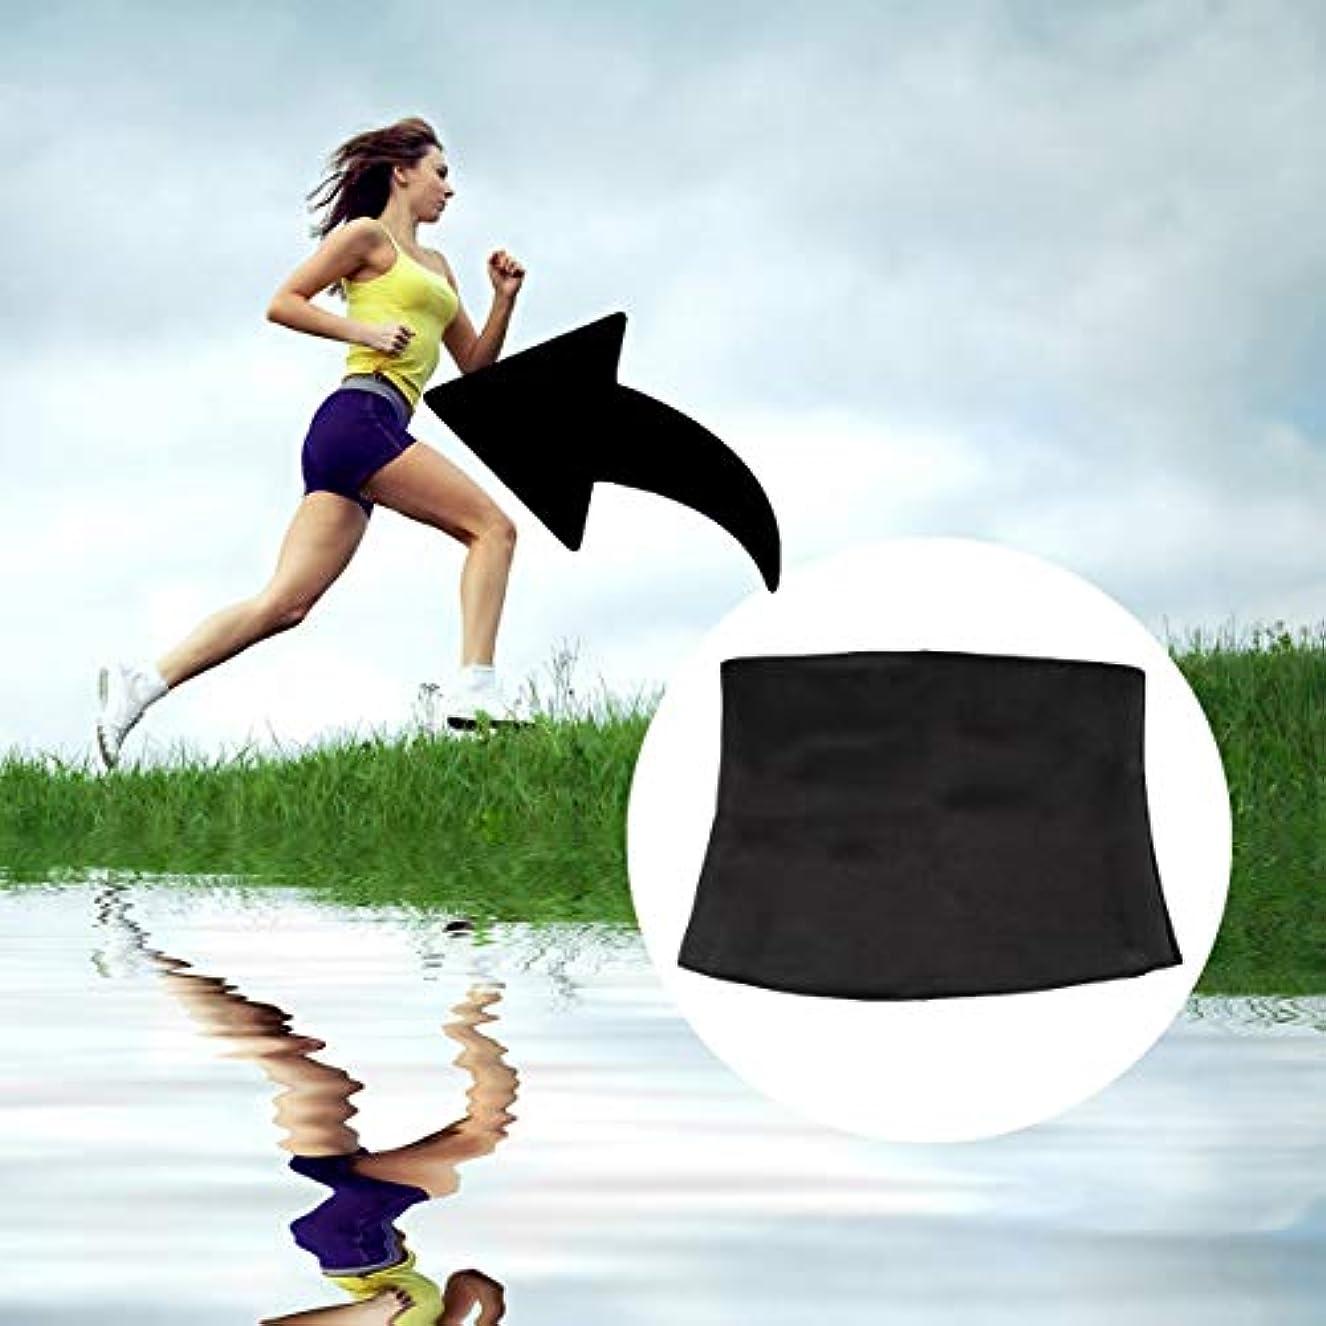 会社文化スーダンWomen Adult Solid Neoprene Healthy Slimming Weight Loss Waist Belts Body Shaper Slimming Trainer Trimmer Corsets